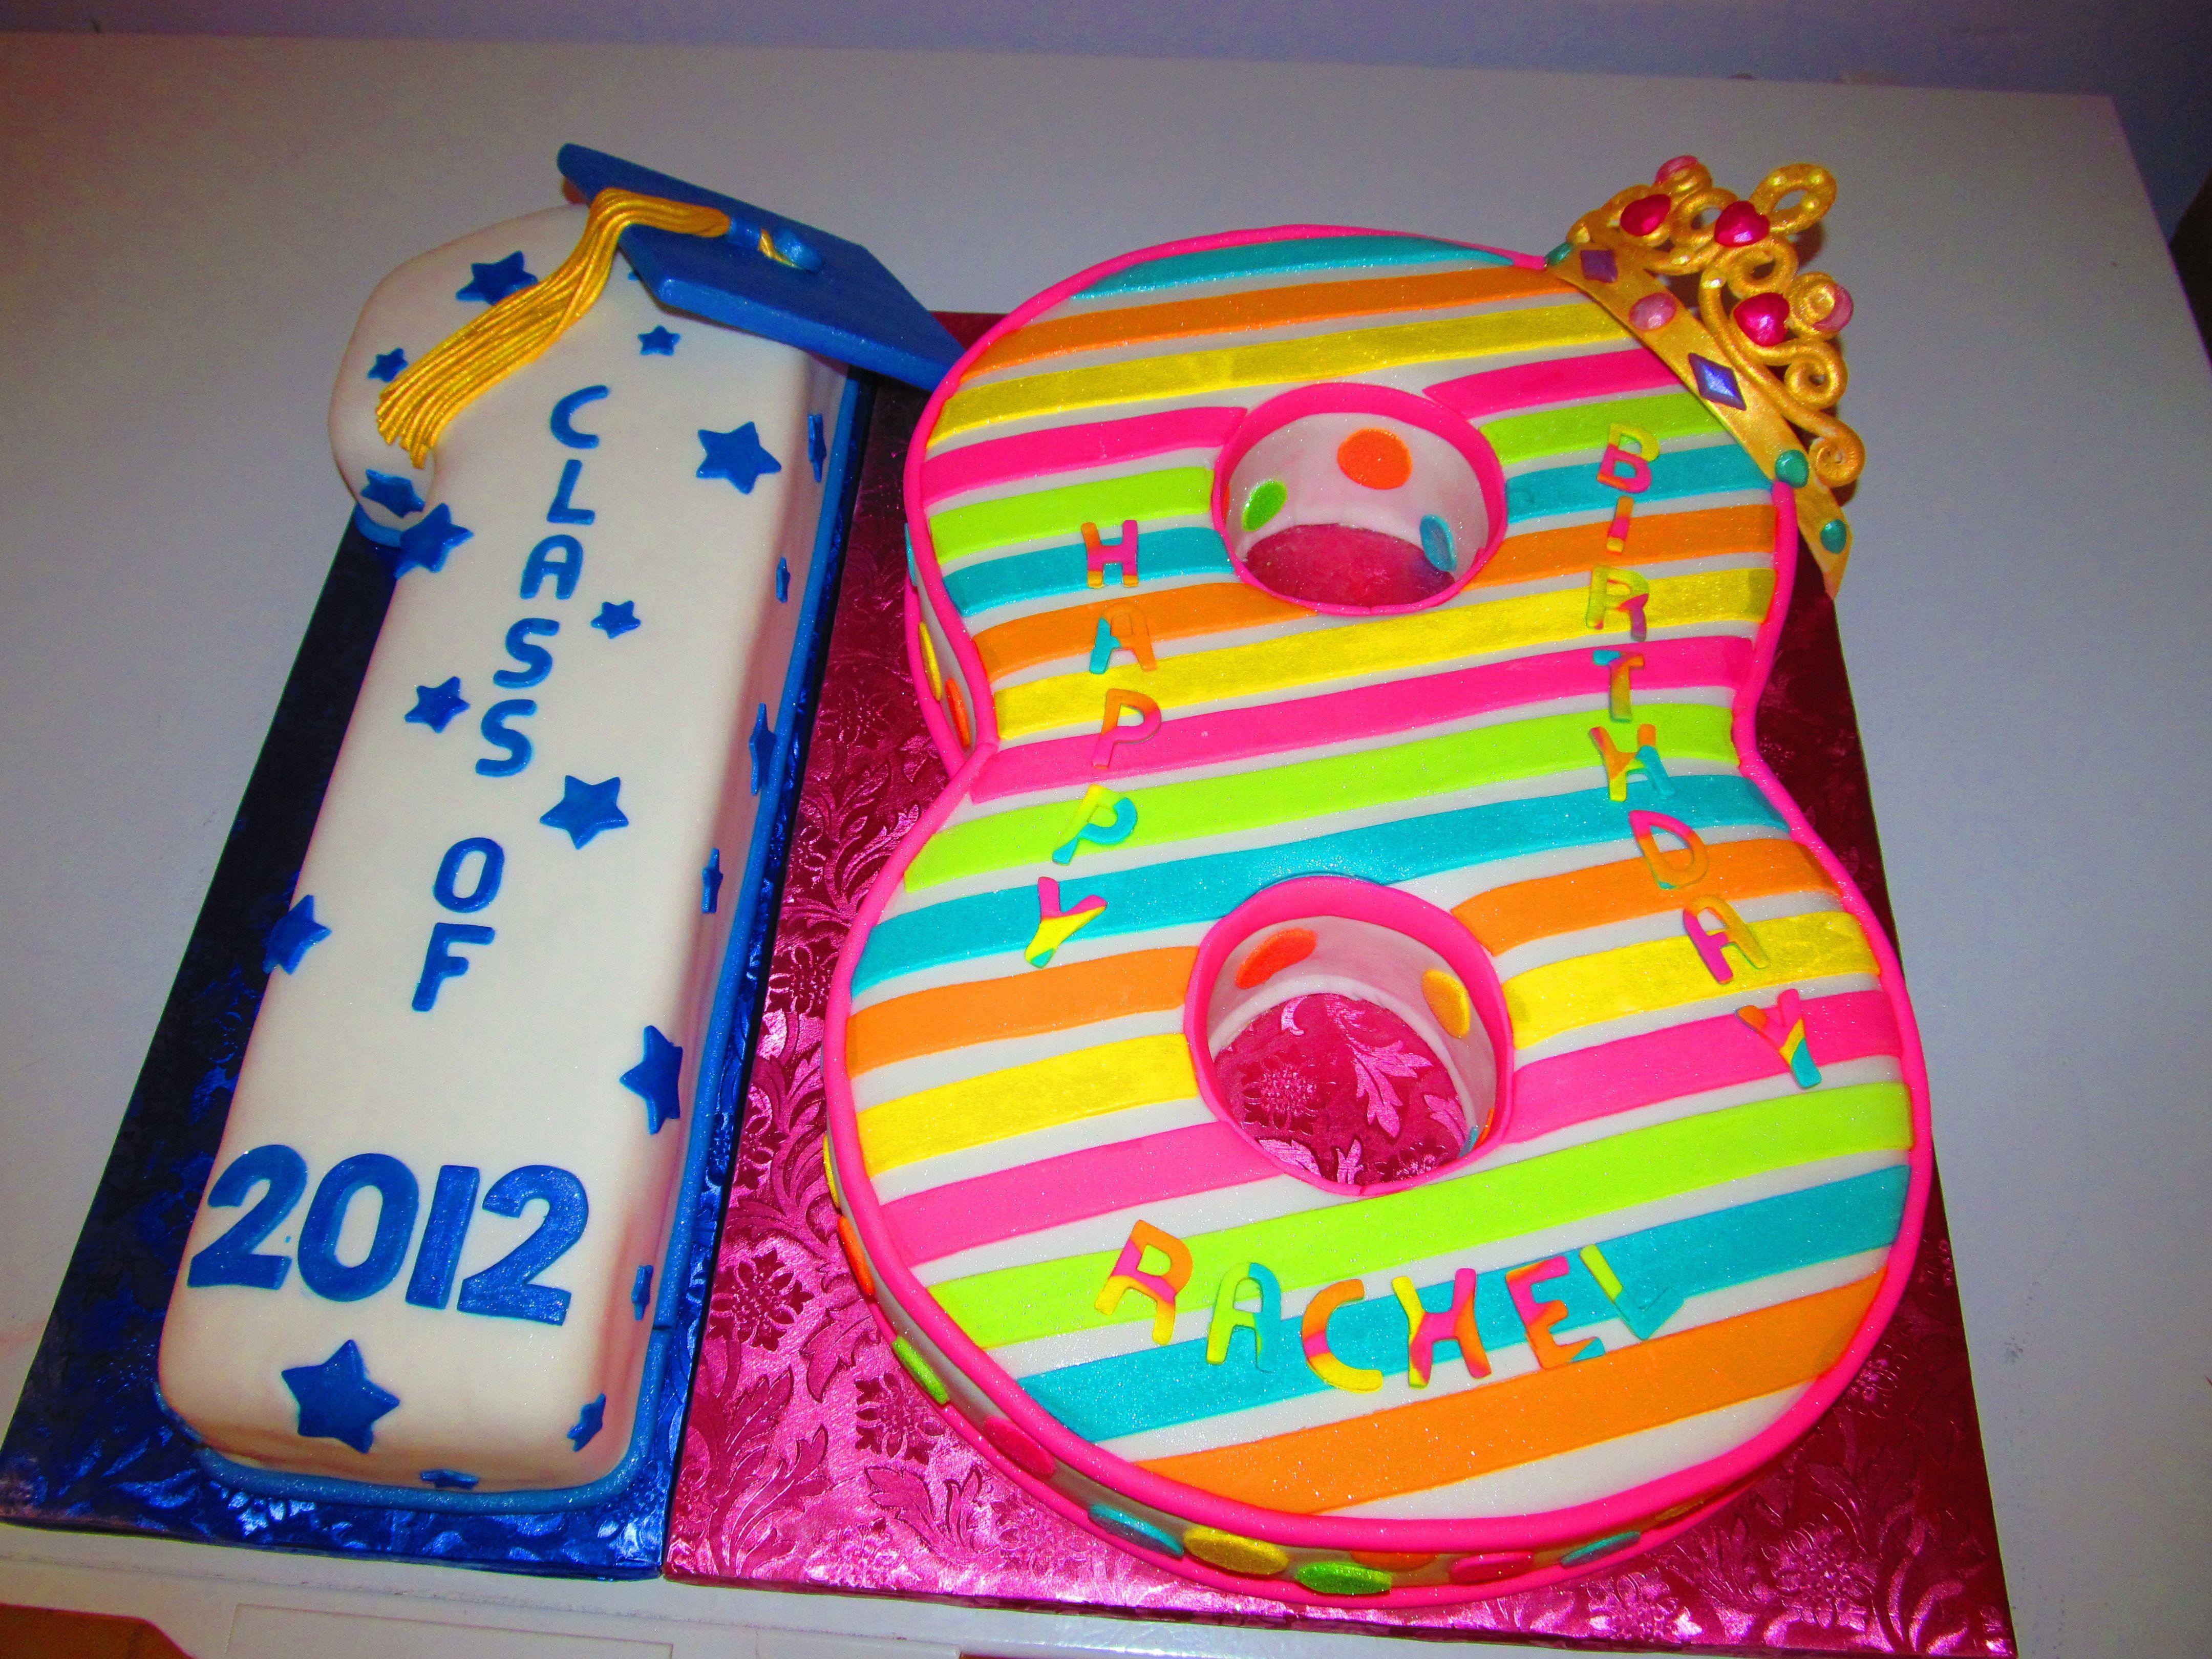 Marvelous Graduation Birthday Cake 18Th Birthday And Graduation Cake I Personalised Birthday Cards Akebfashionlily Jamesorg